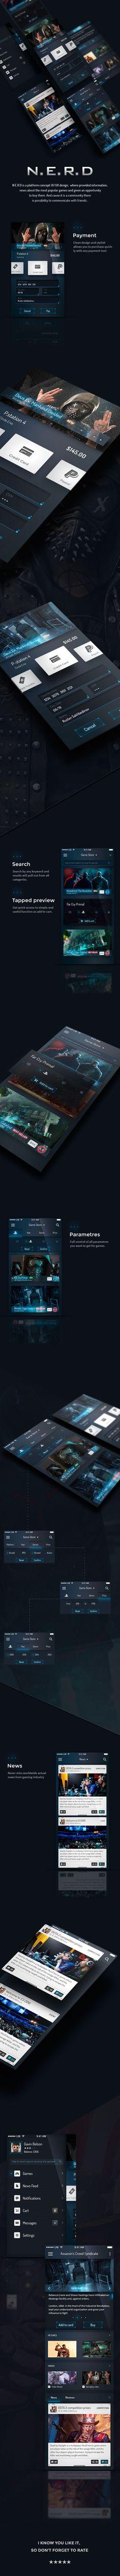 N.E.R.D - Platform Mobile UI Kit on Behance